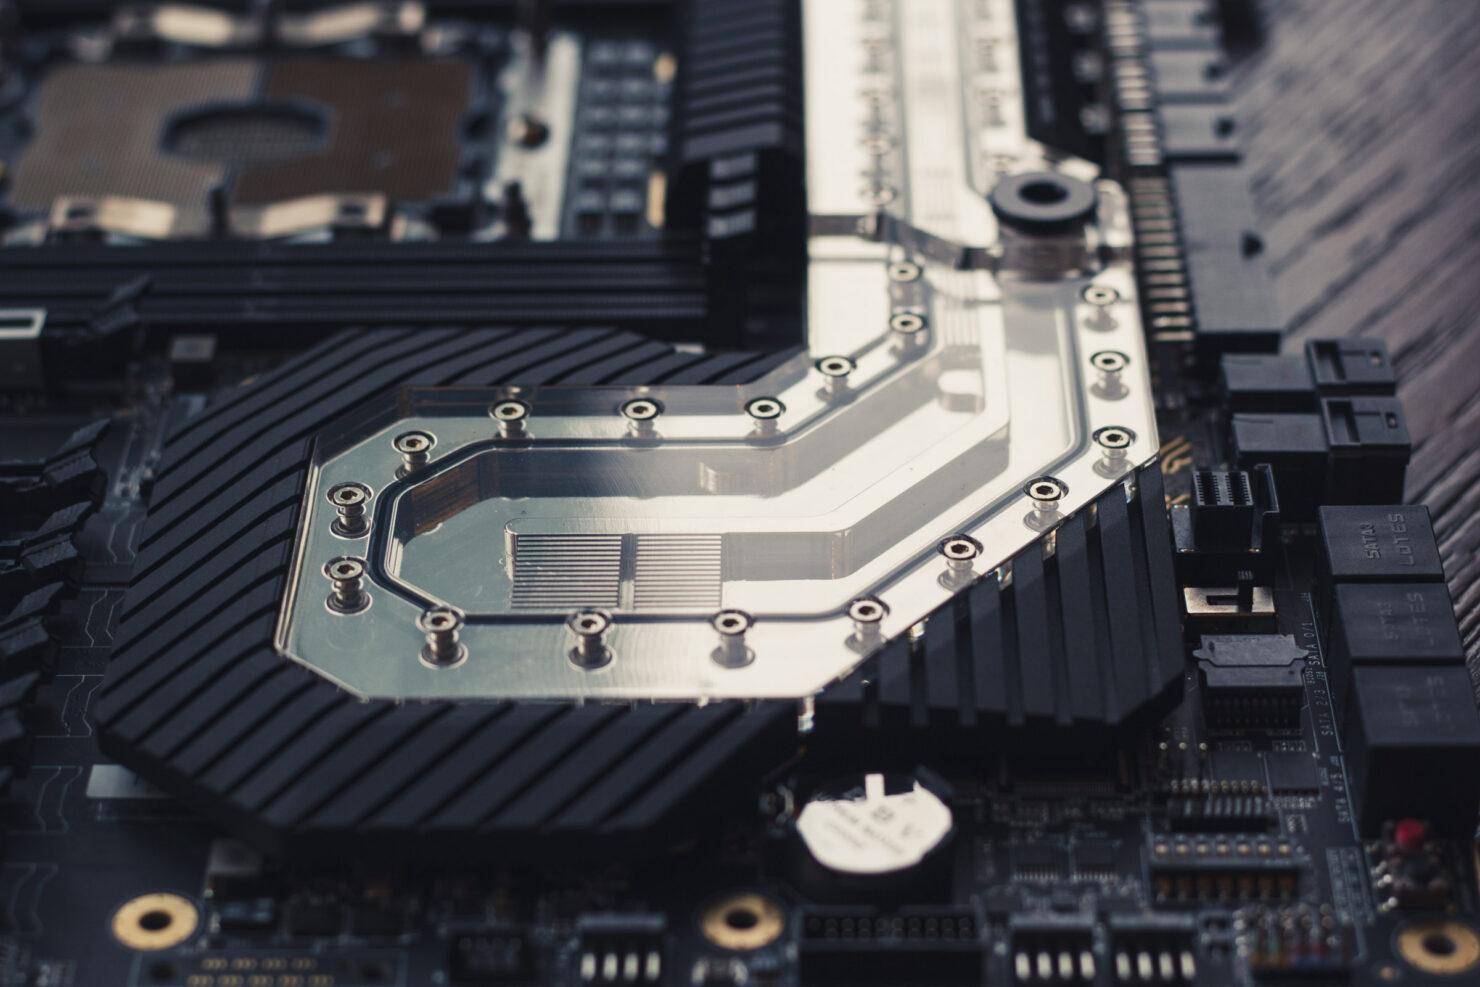 img_2393-evga-dark-sr-3-motherboard